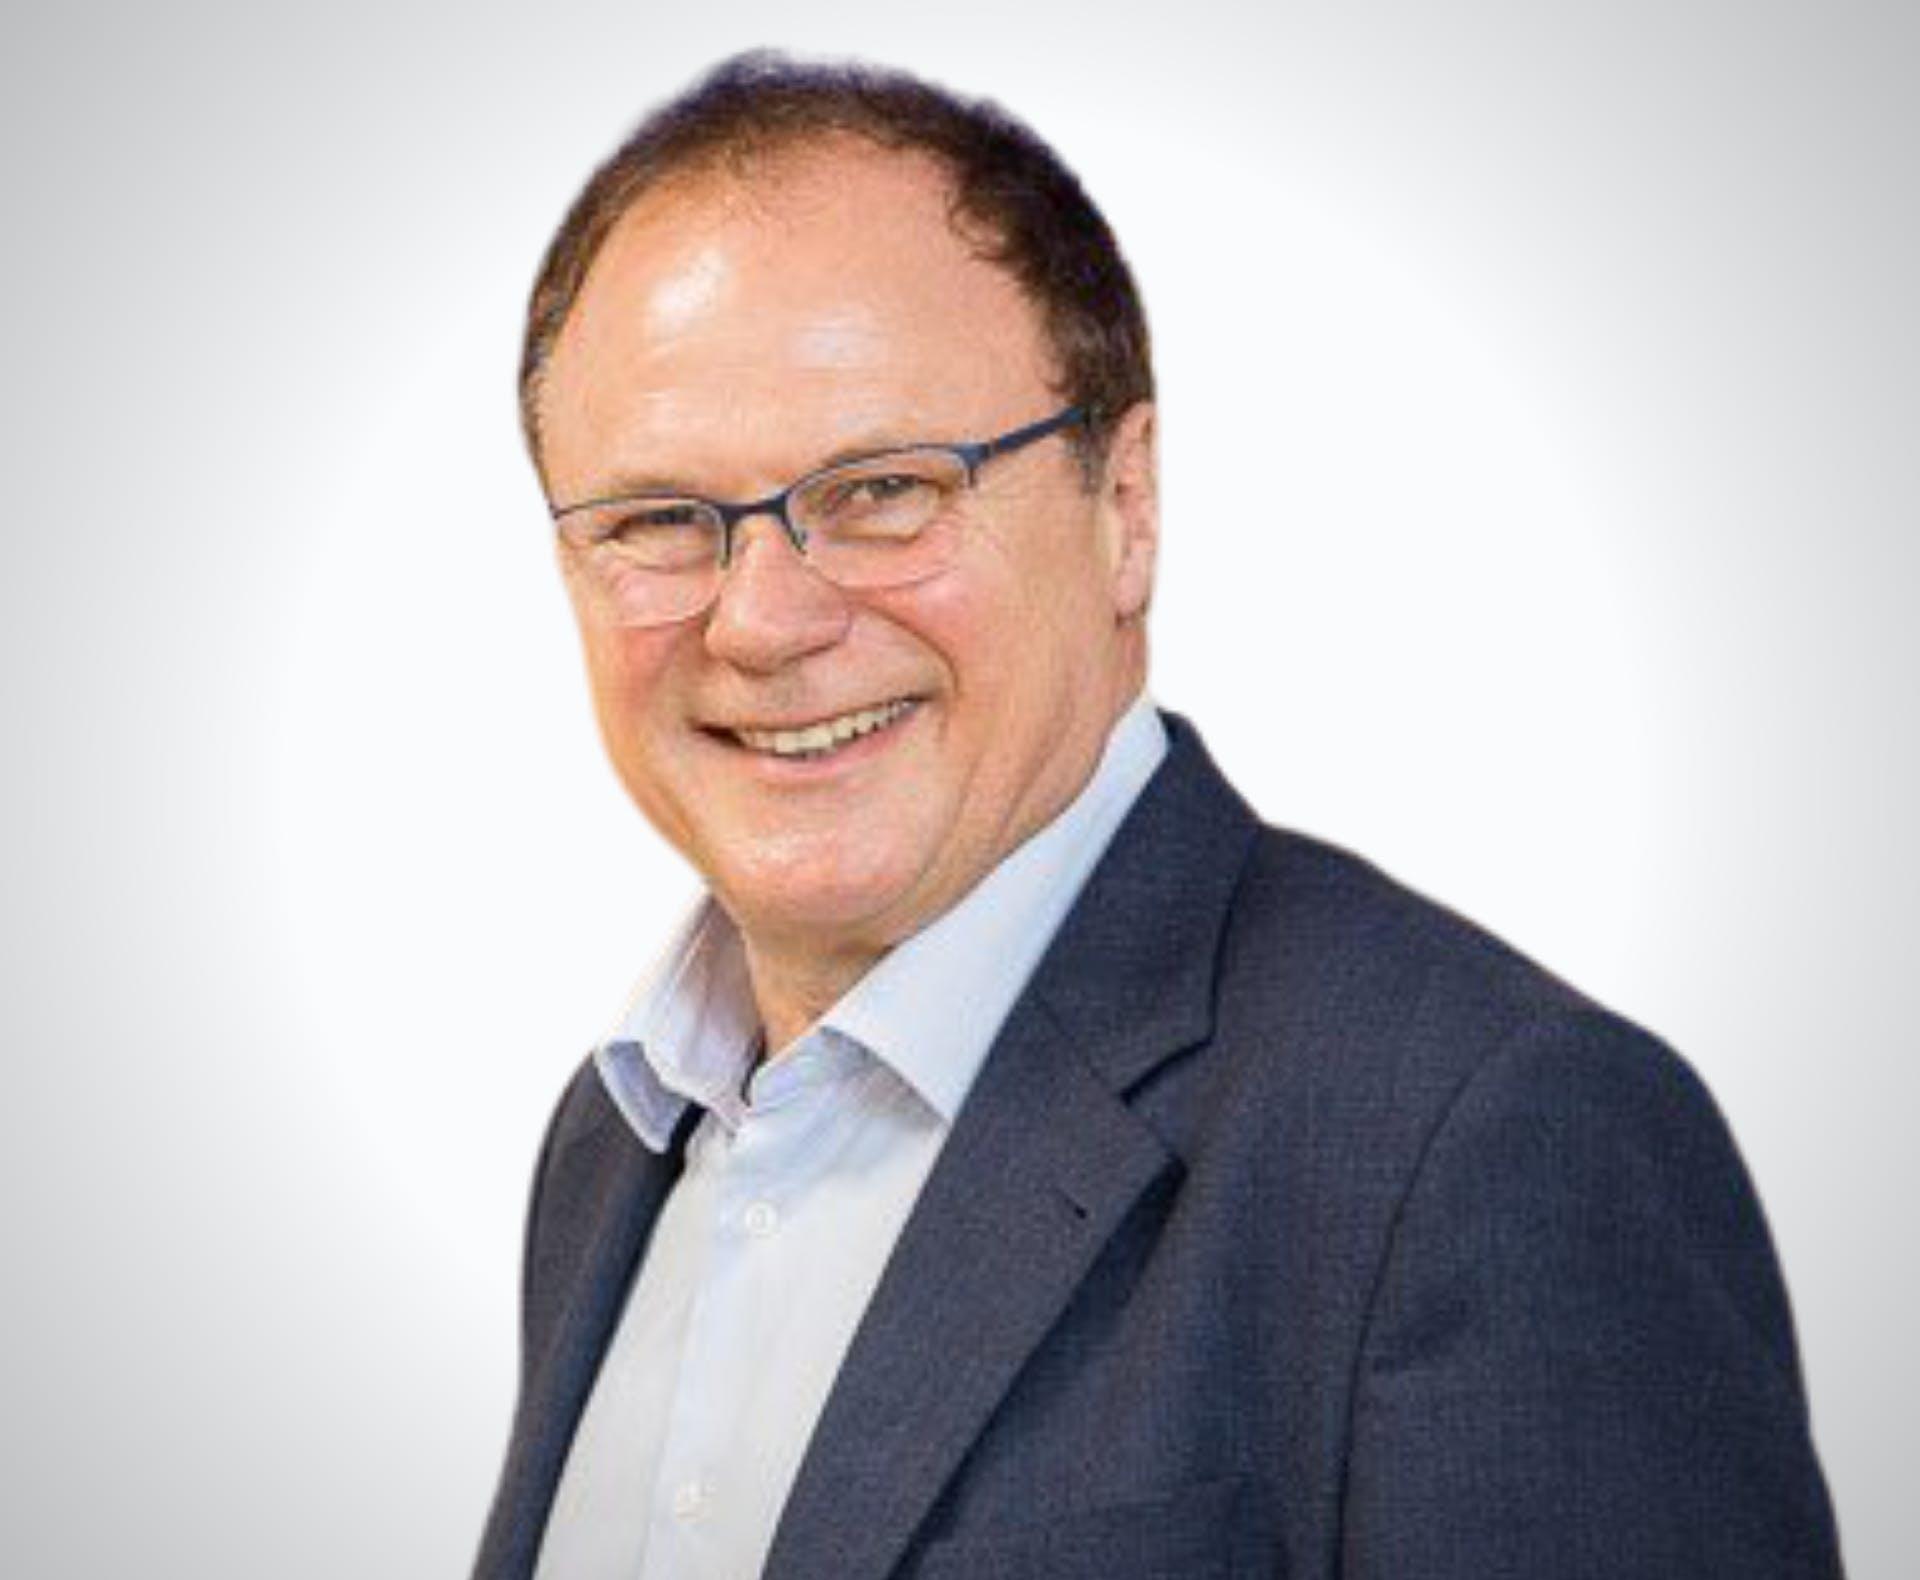 Chief Operating Officer at VITRONIC, Gerhard Bär